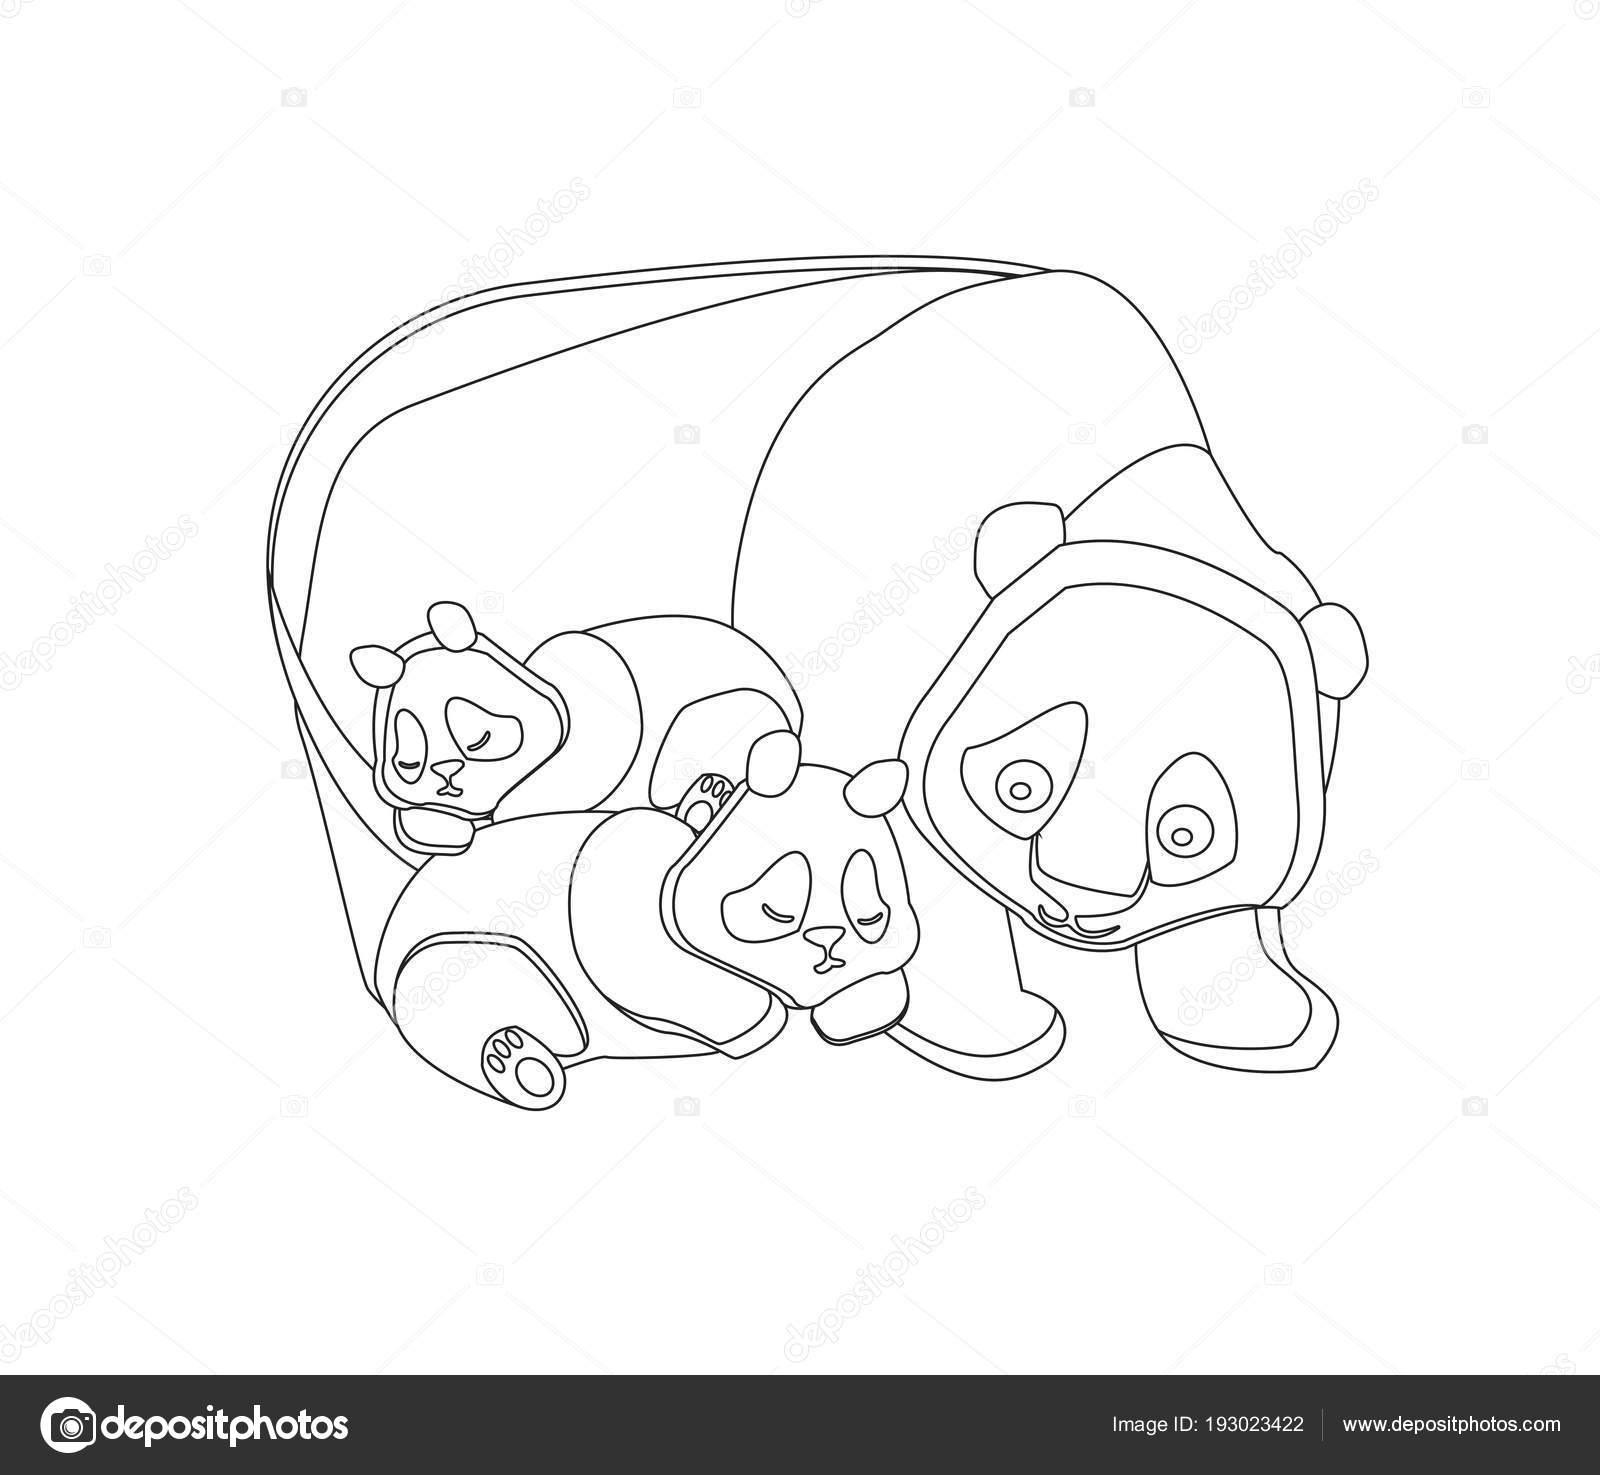 Coloriage Famille Animaux.Notion De Famille Heureuse Pour Coloriages Animaux Sauvages Sur Fond